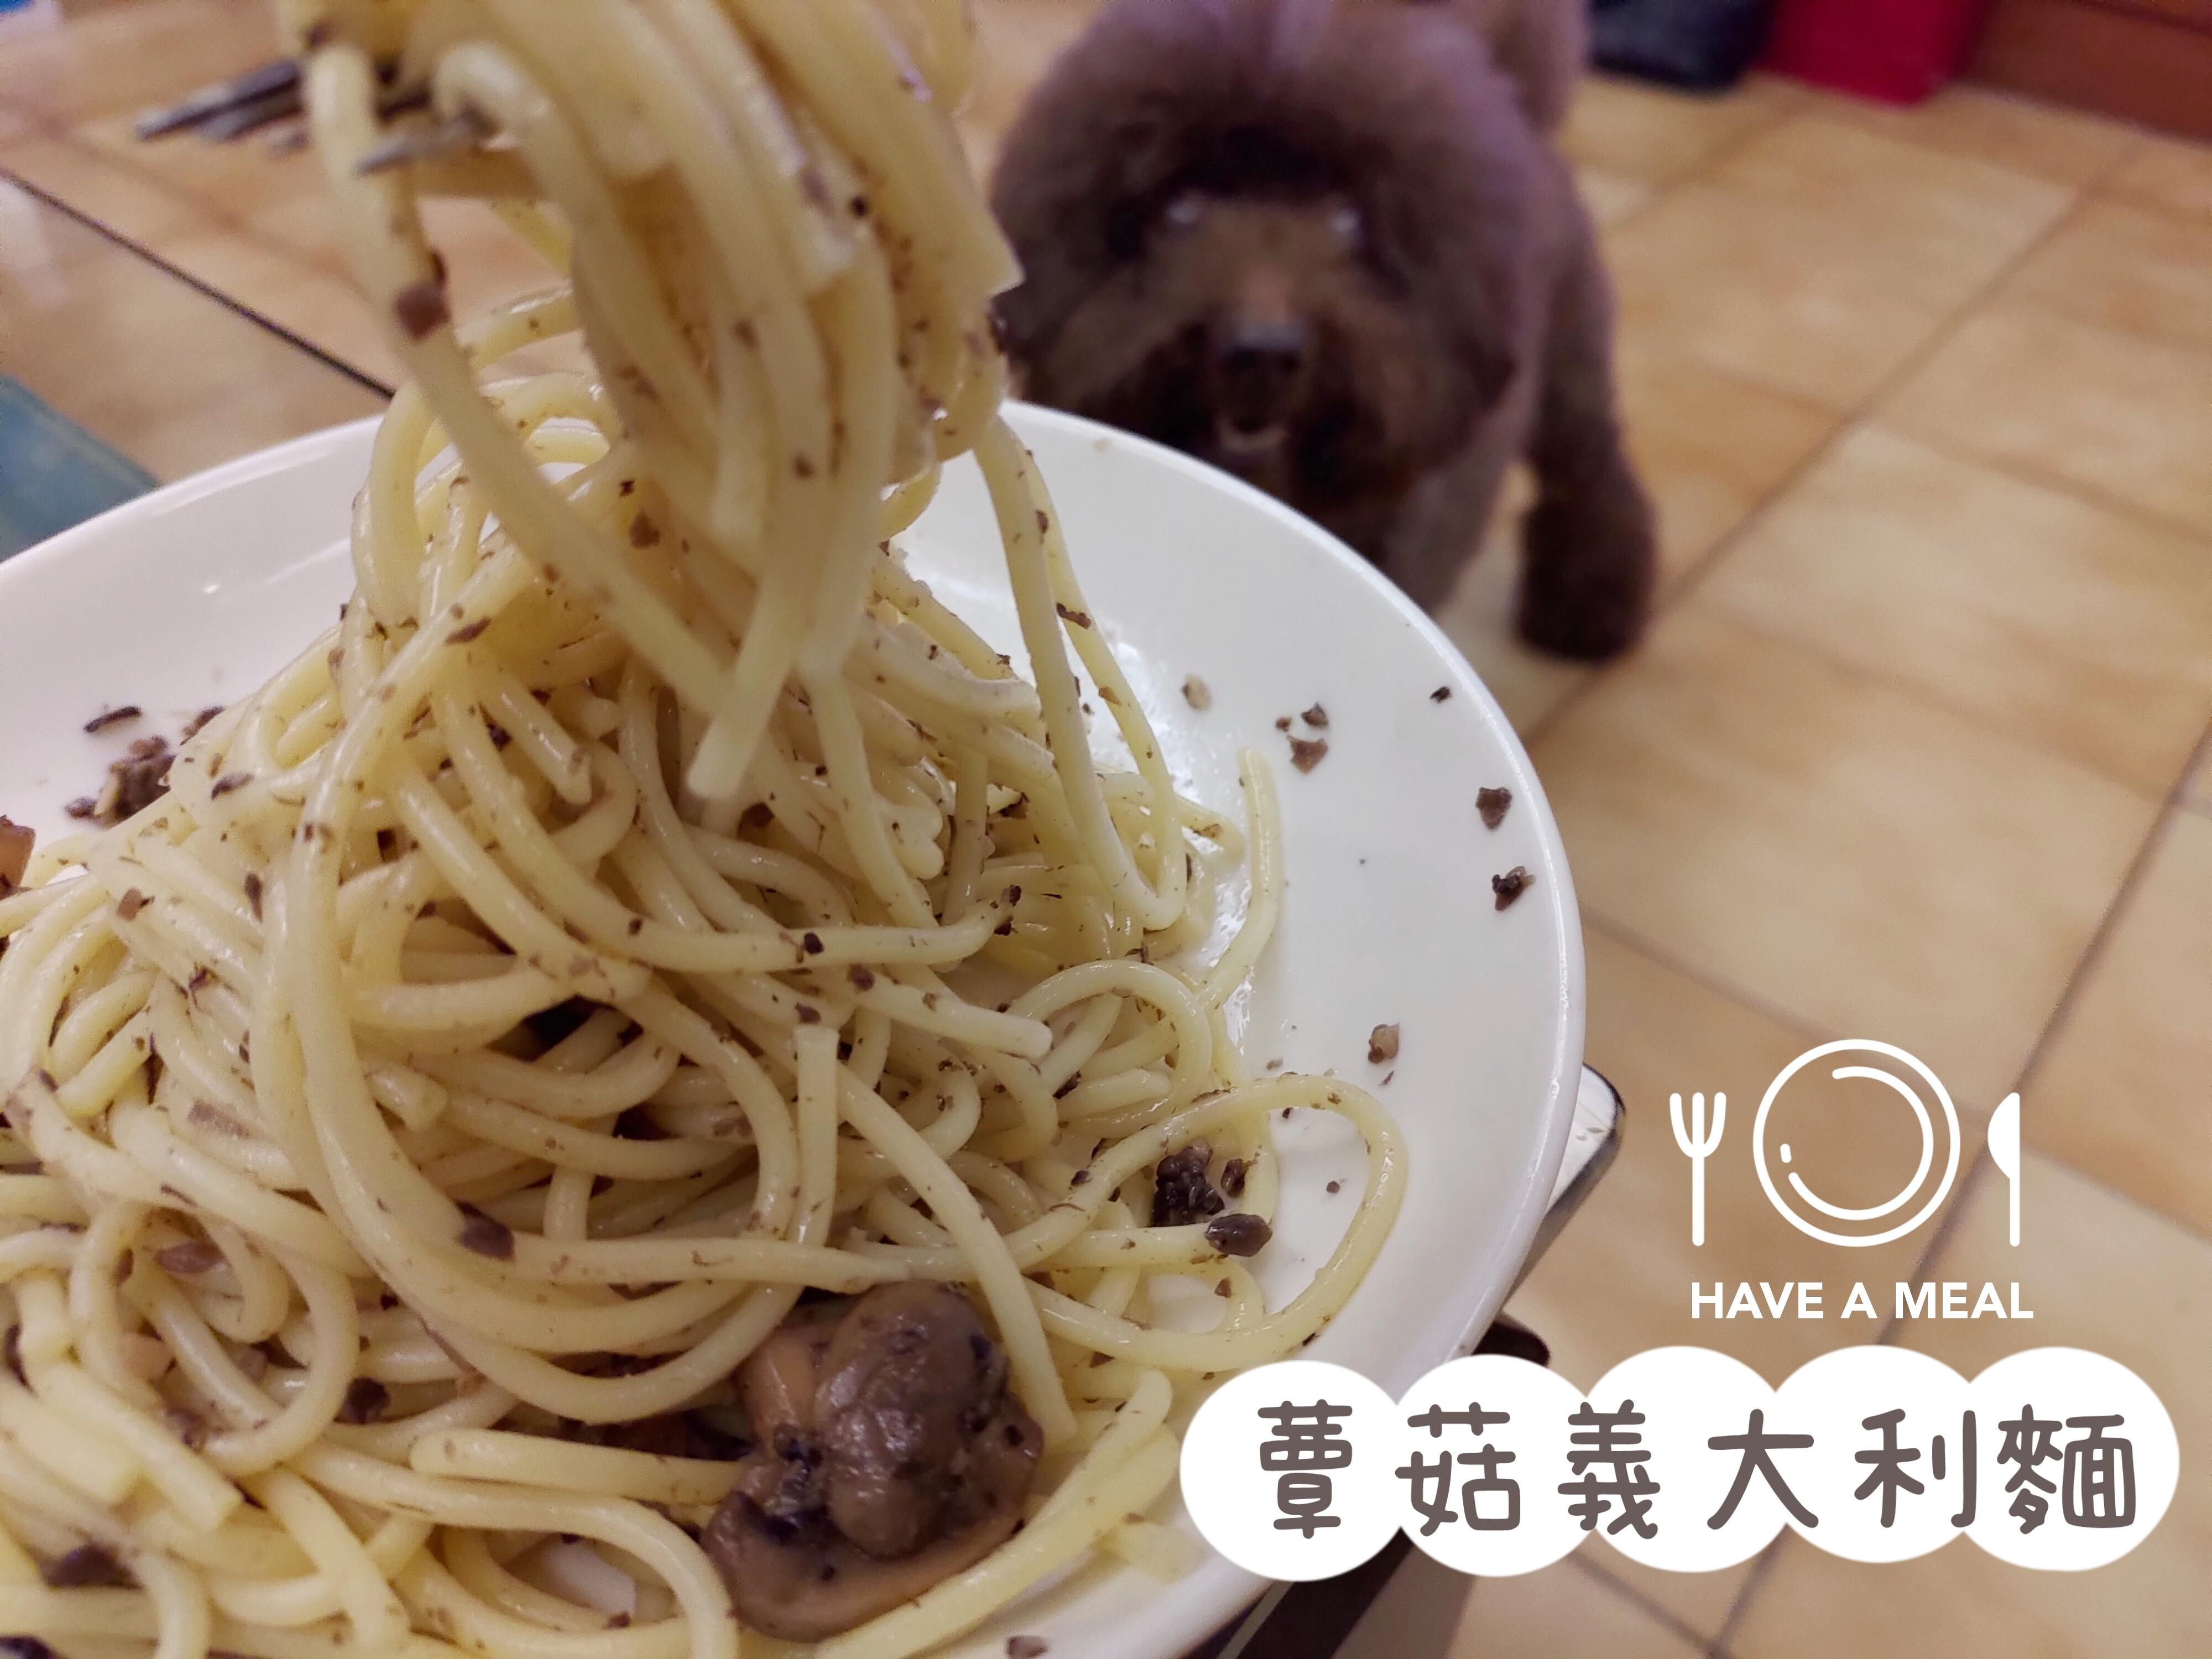 【今晚想來點】蕈菇義大利麵